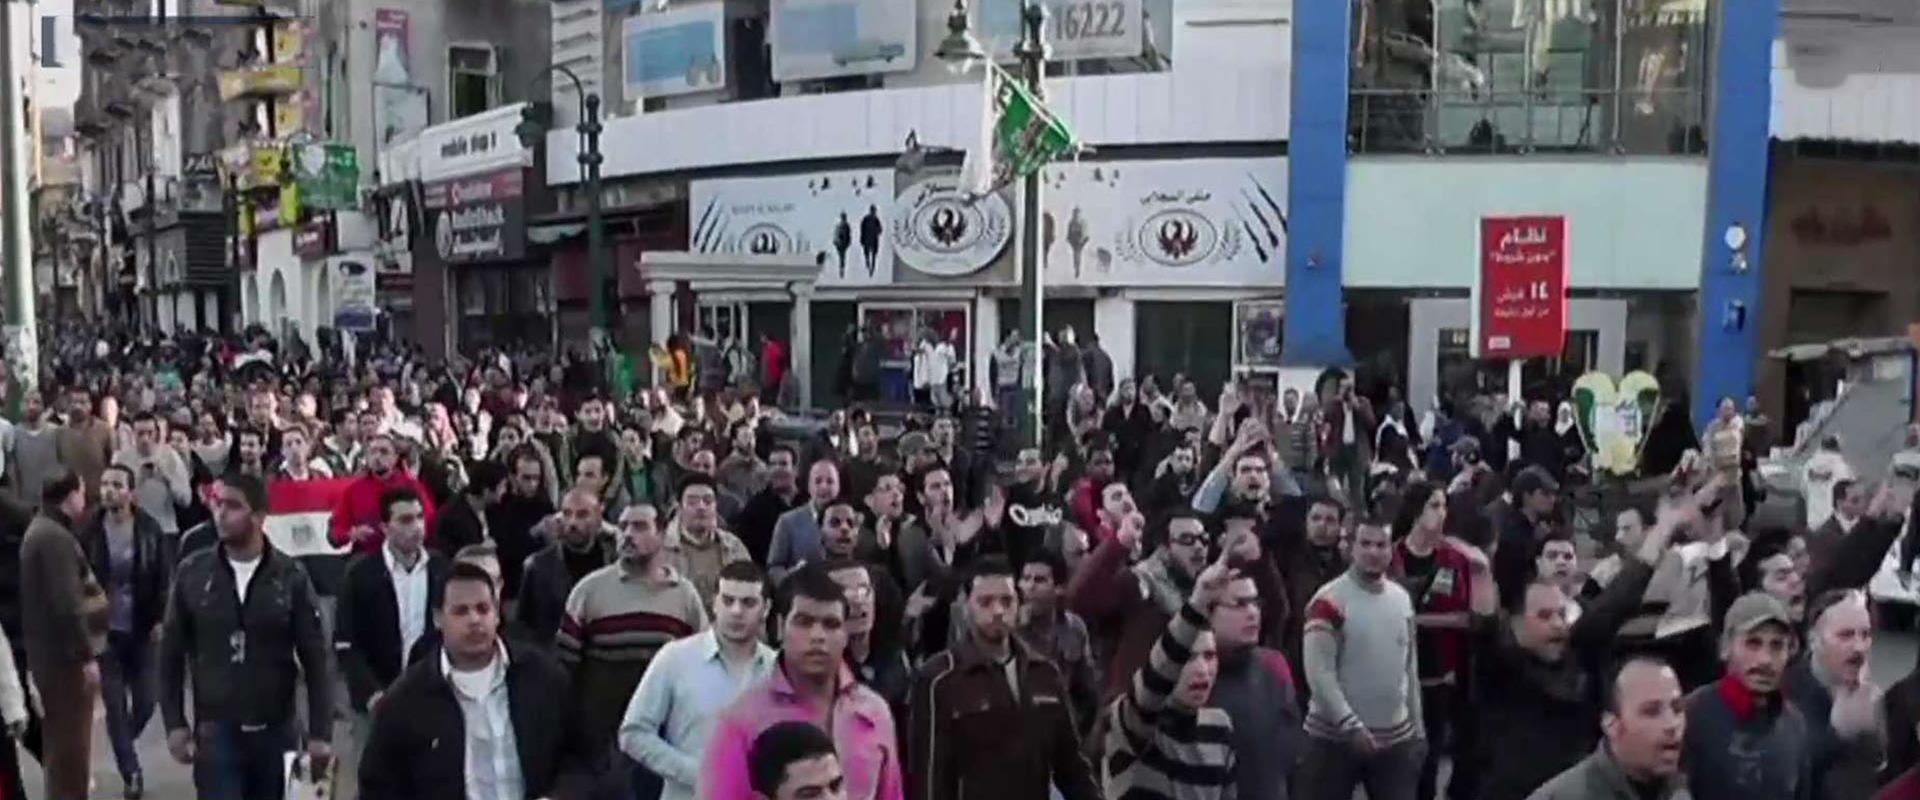 עשור לאביב הערבי: החלומות הגדולים - מול המציאות הק